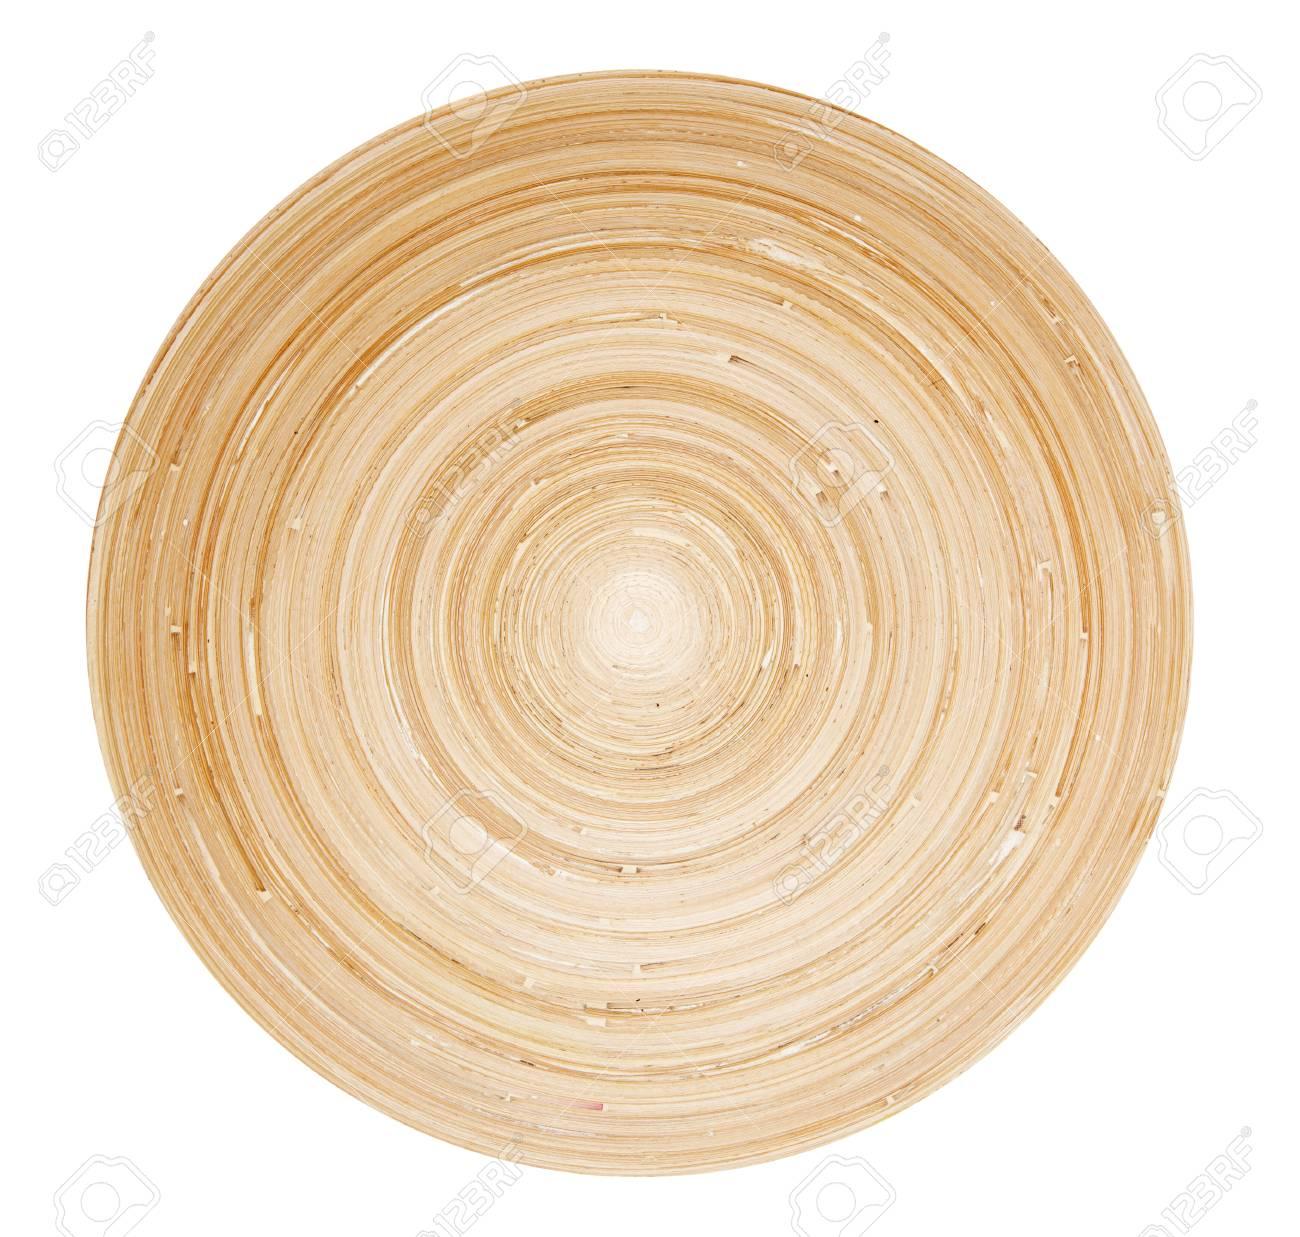 bambus-platte isoliert auf weiß lizenzfreie fotos, bilder und stock